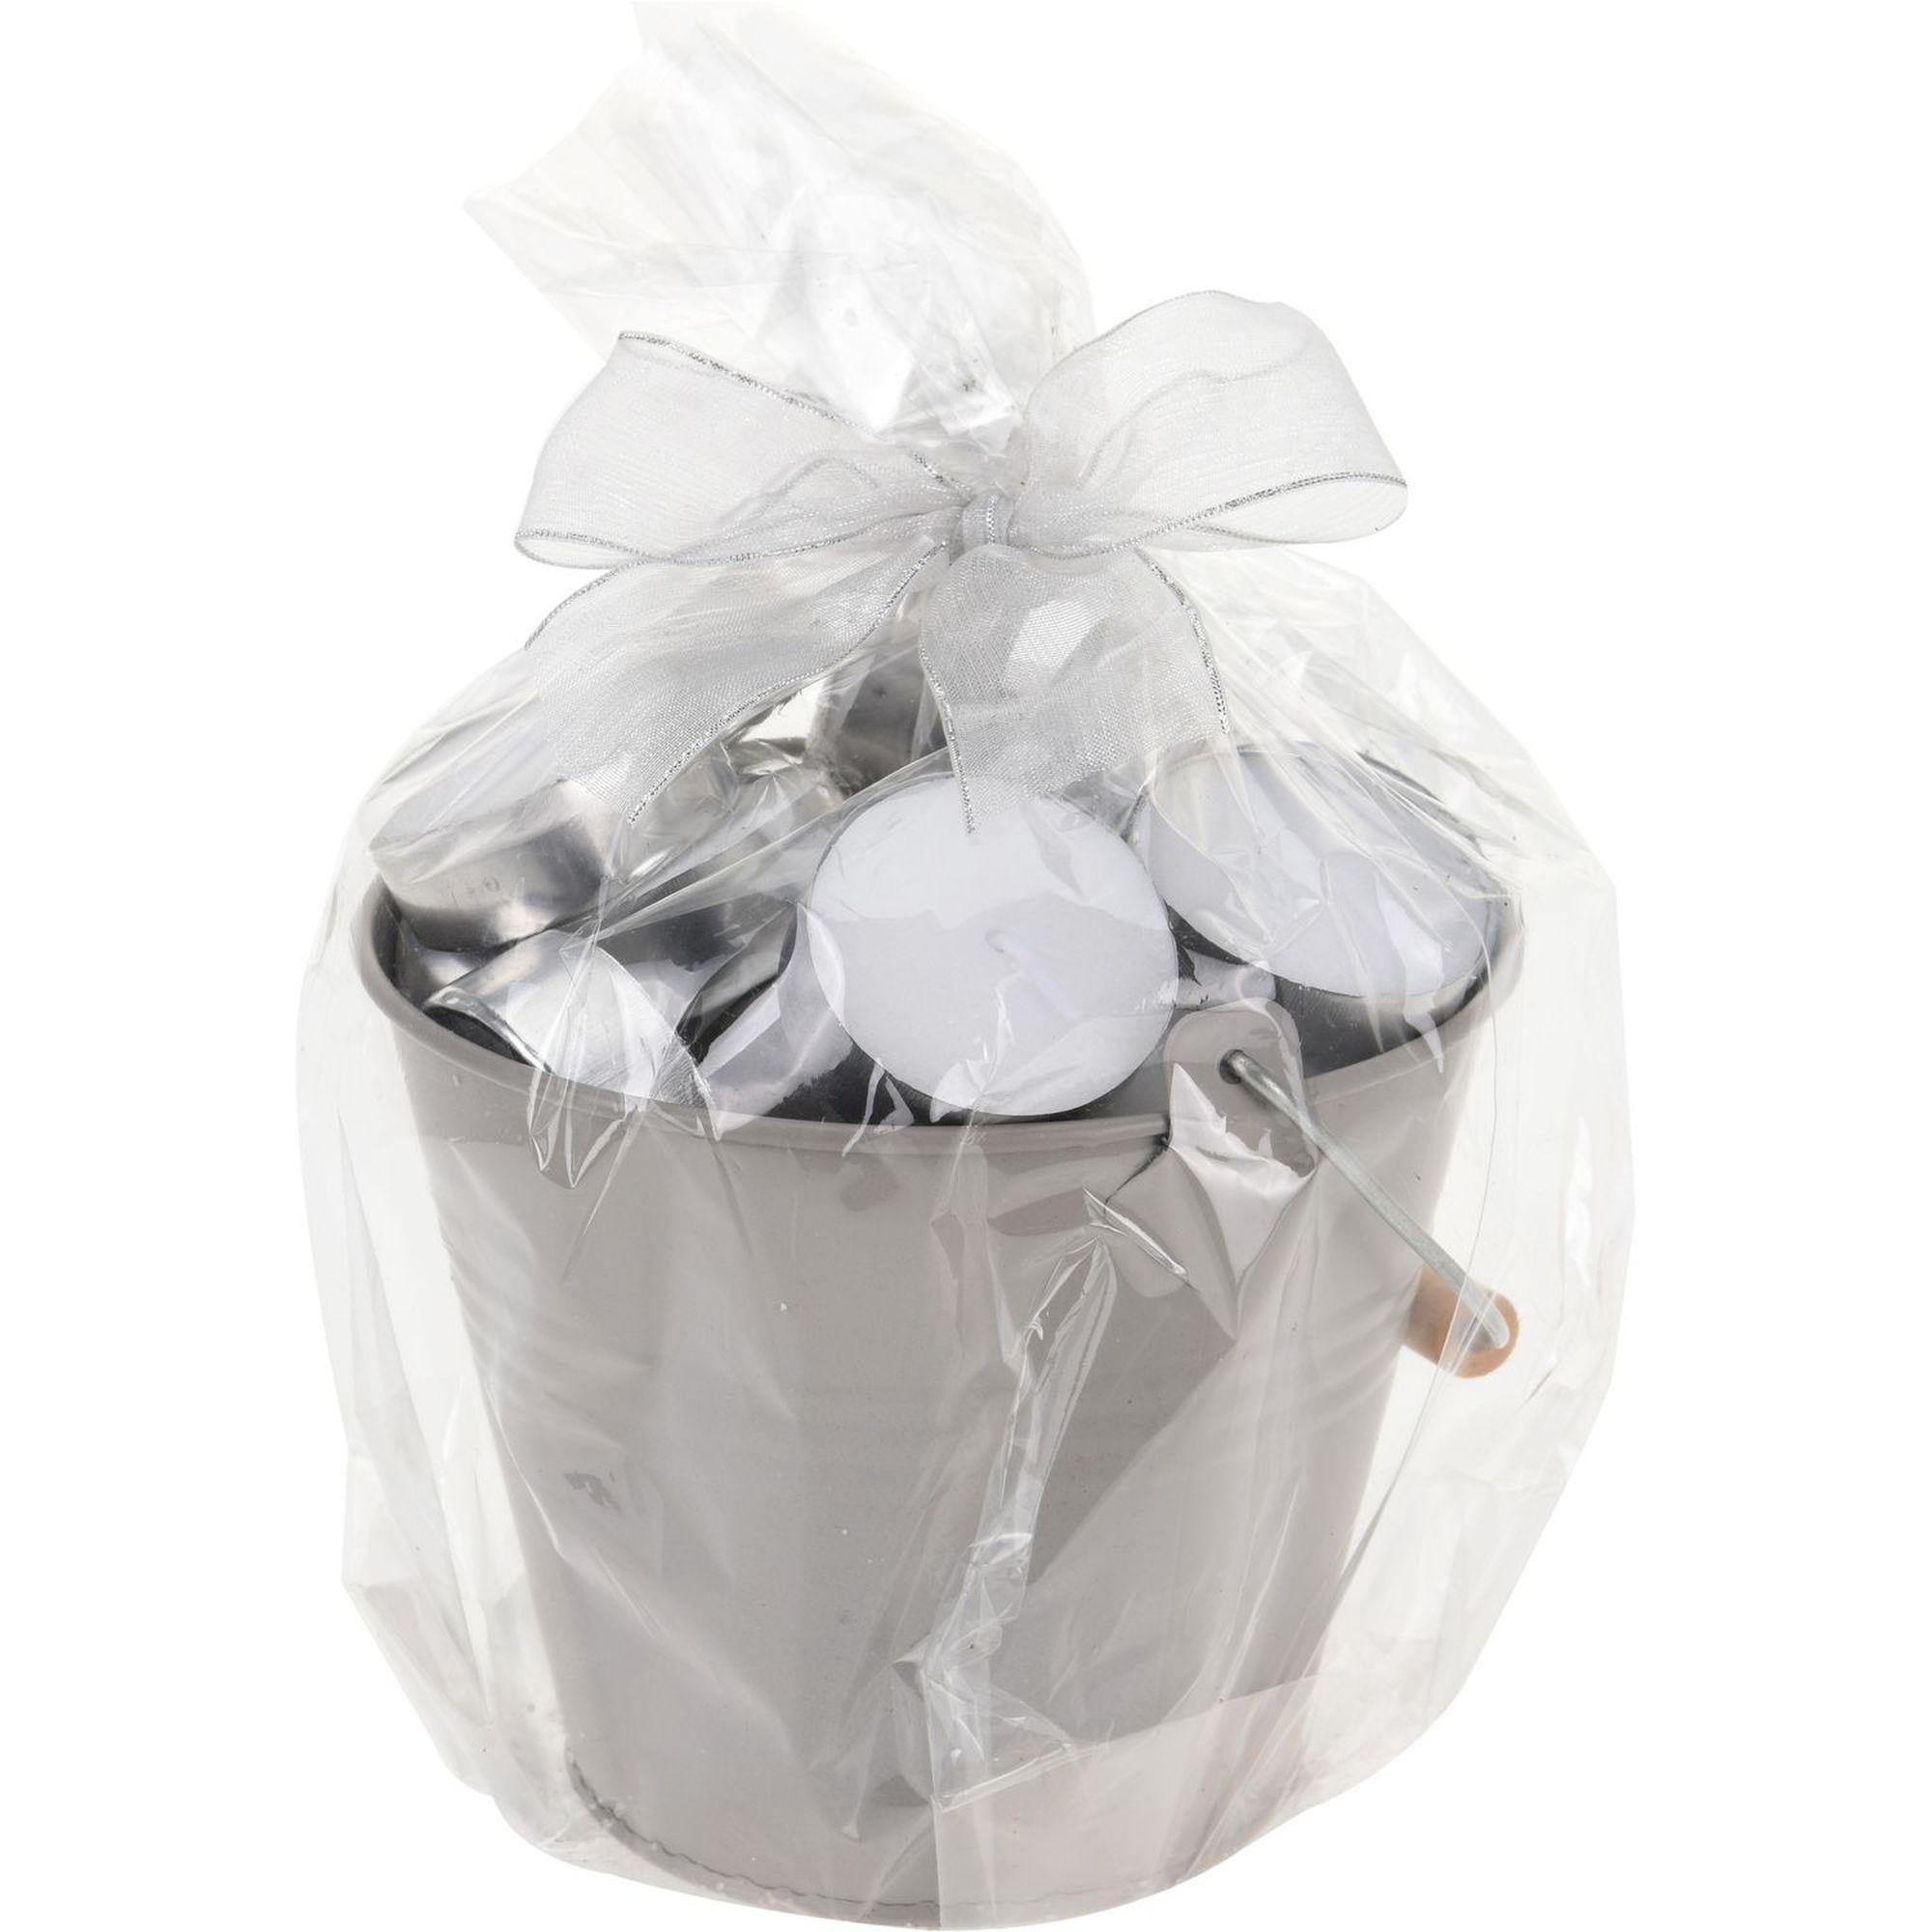 Купить со скидкой Набор свечей чайных в ведре 35 шт.